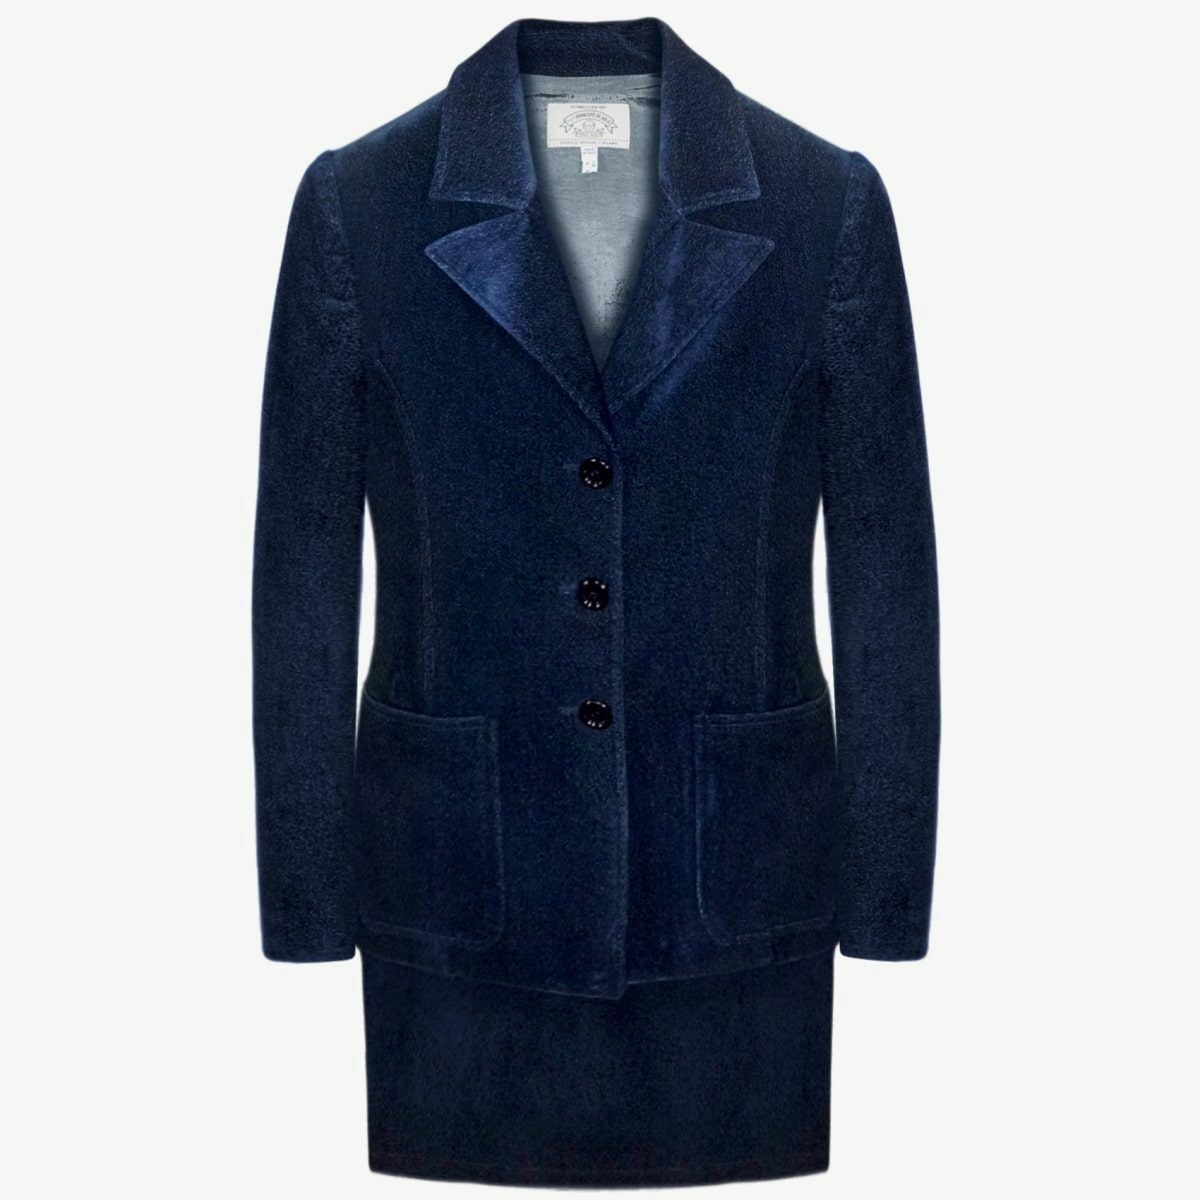 Armani  jeans falda traje mujer talla 40 6 s Para Mujer Traje de Terciopelo Azul Formal Suit S  punto de venta en línea